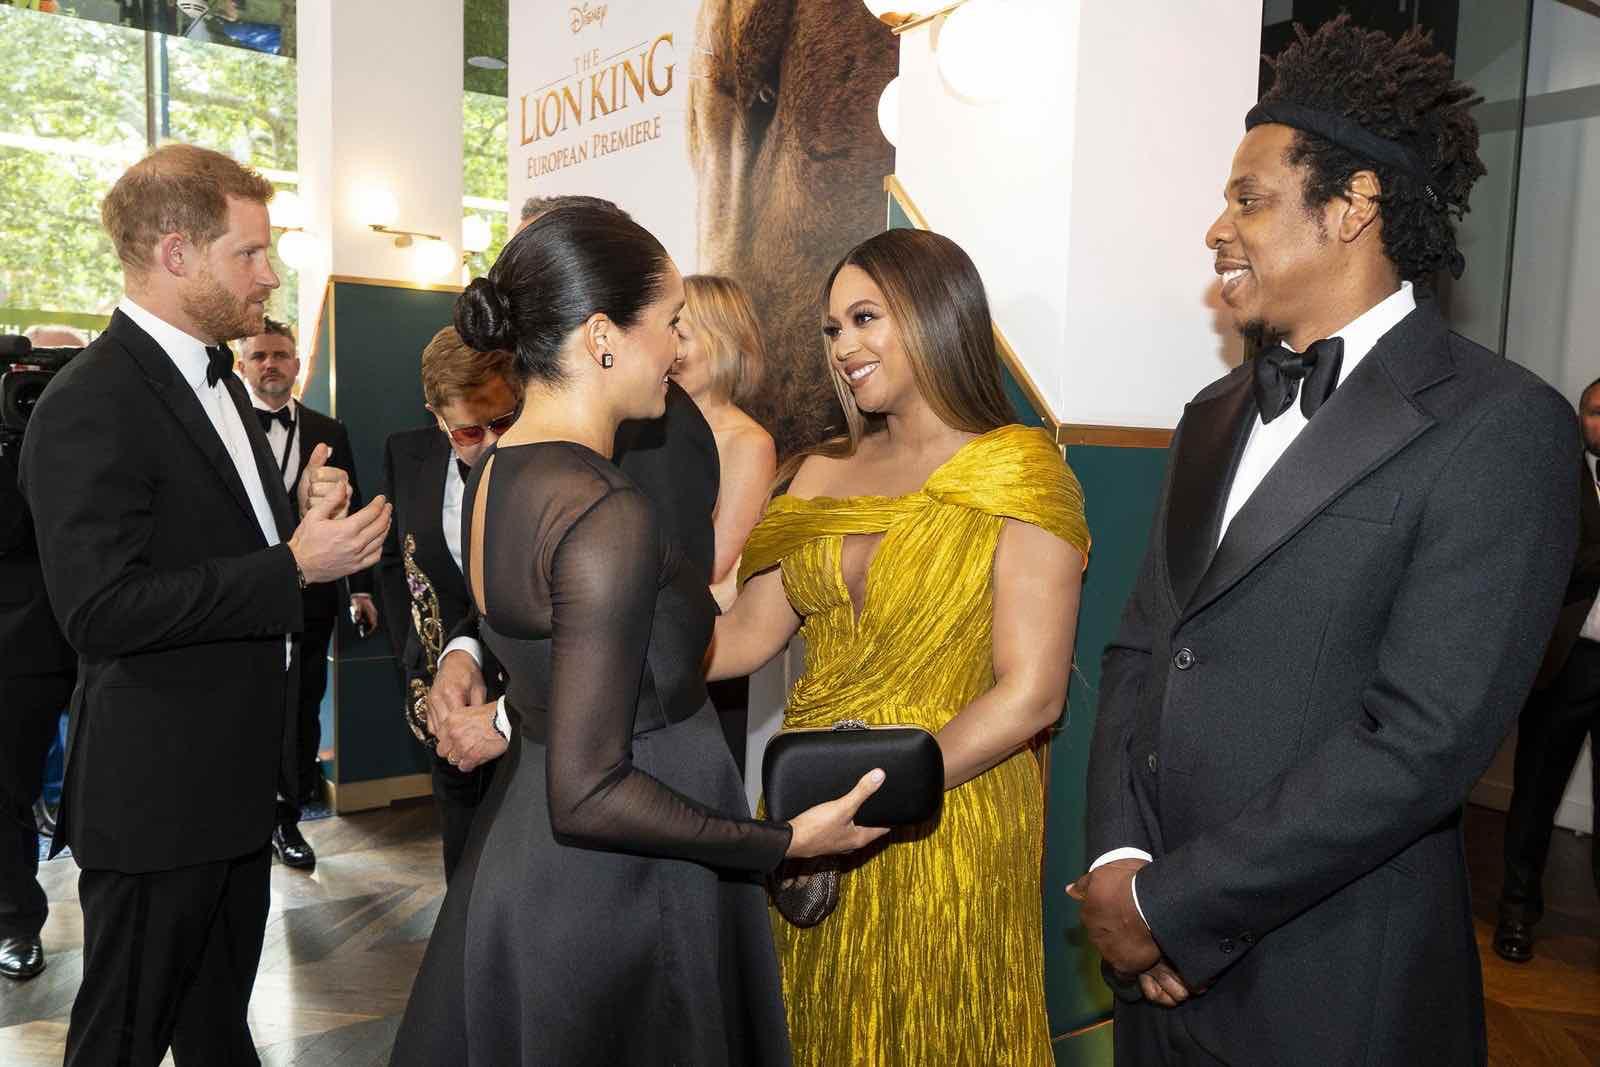 El esperado encuentro entre Meghan Markle y Beyoncé en el estreno de El rey león